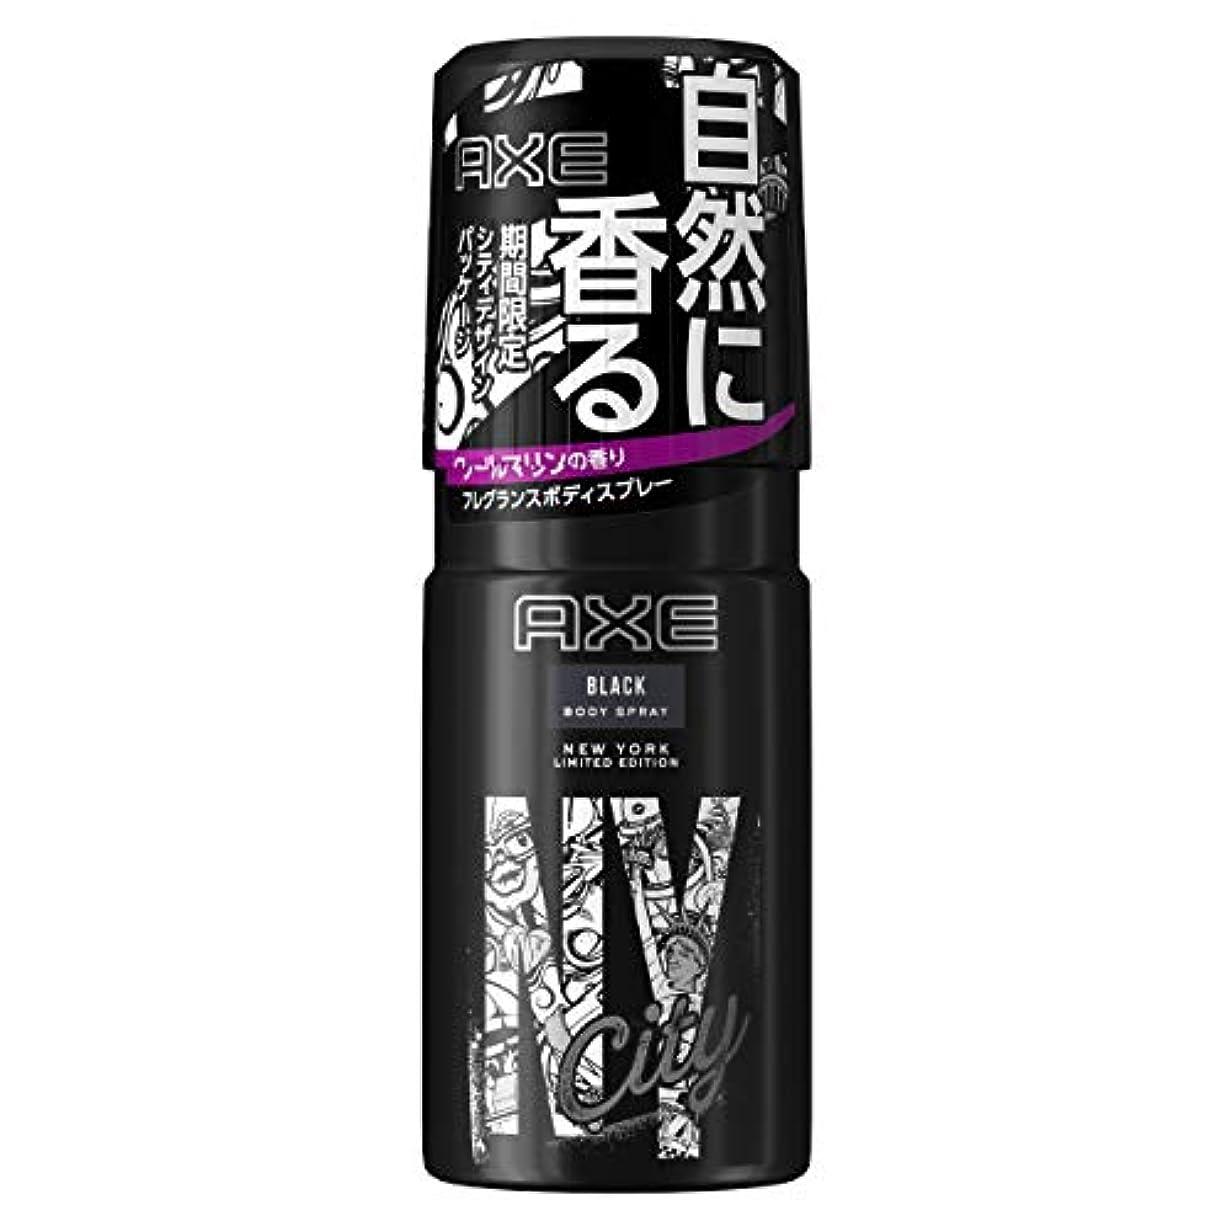 宇宙の爵パイプアックス フレグランス ボディスプレー ブラック 60g (クールマリンのさりげない香り)